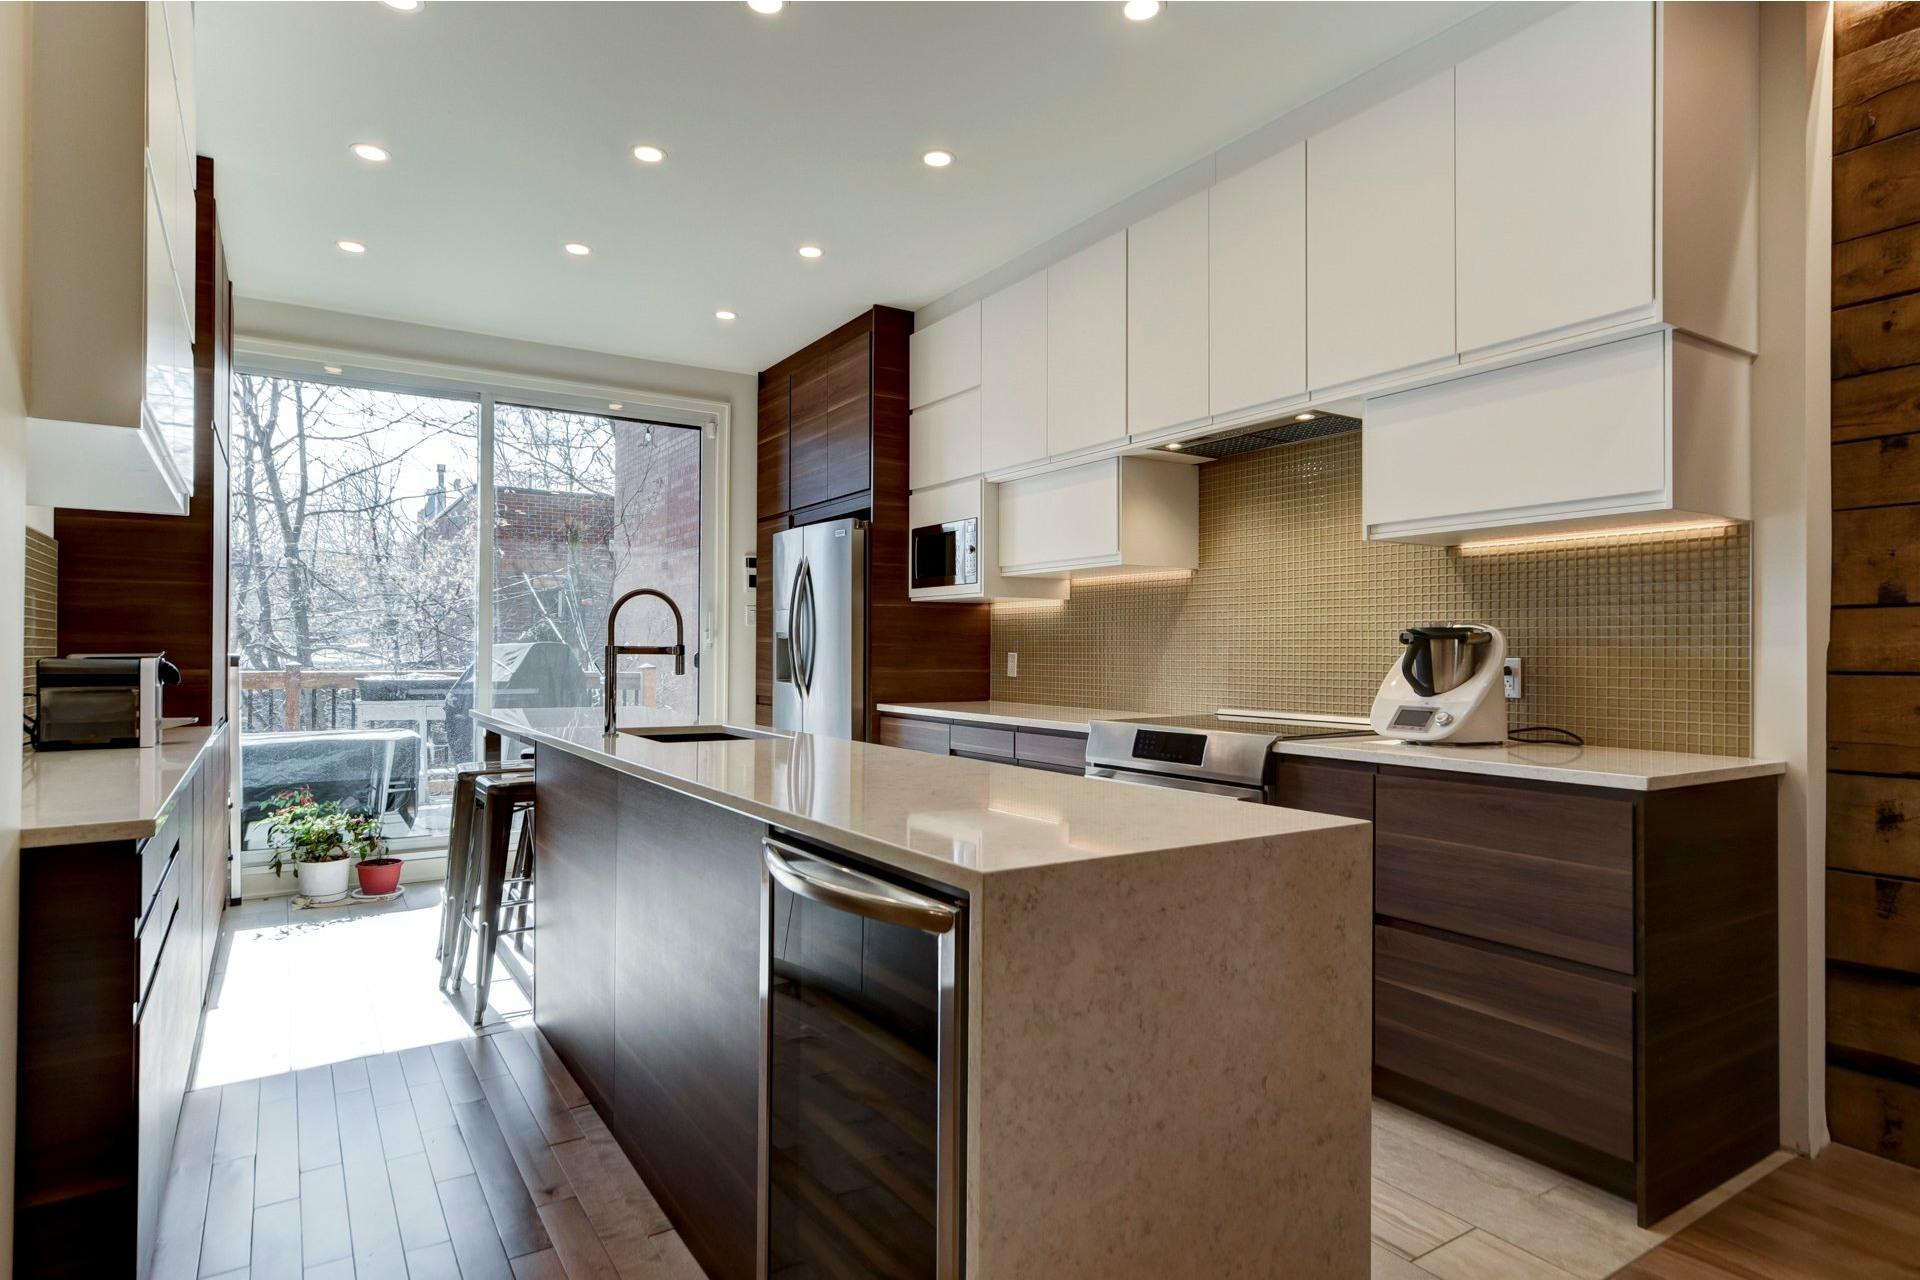 image 6 - Appartement À louer Côte-des-Neiges/Notre-Dame-de-Grâce Montréal  - 10 pièces